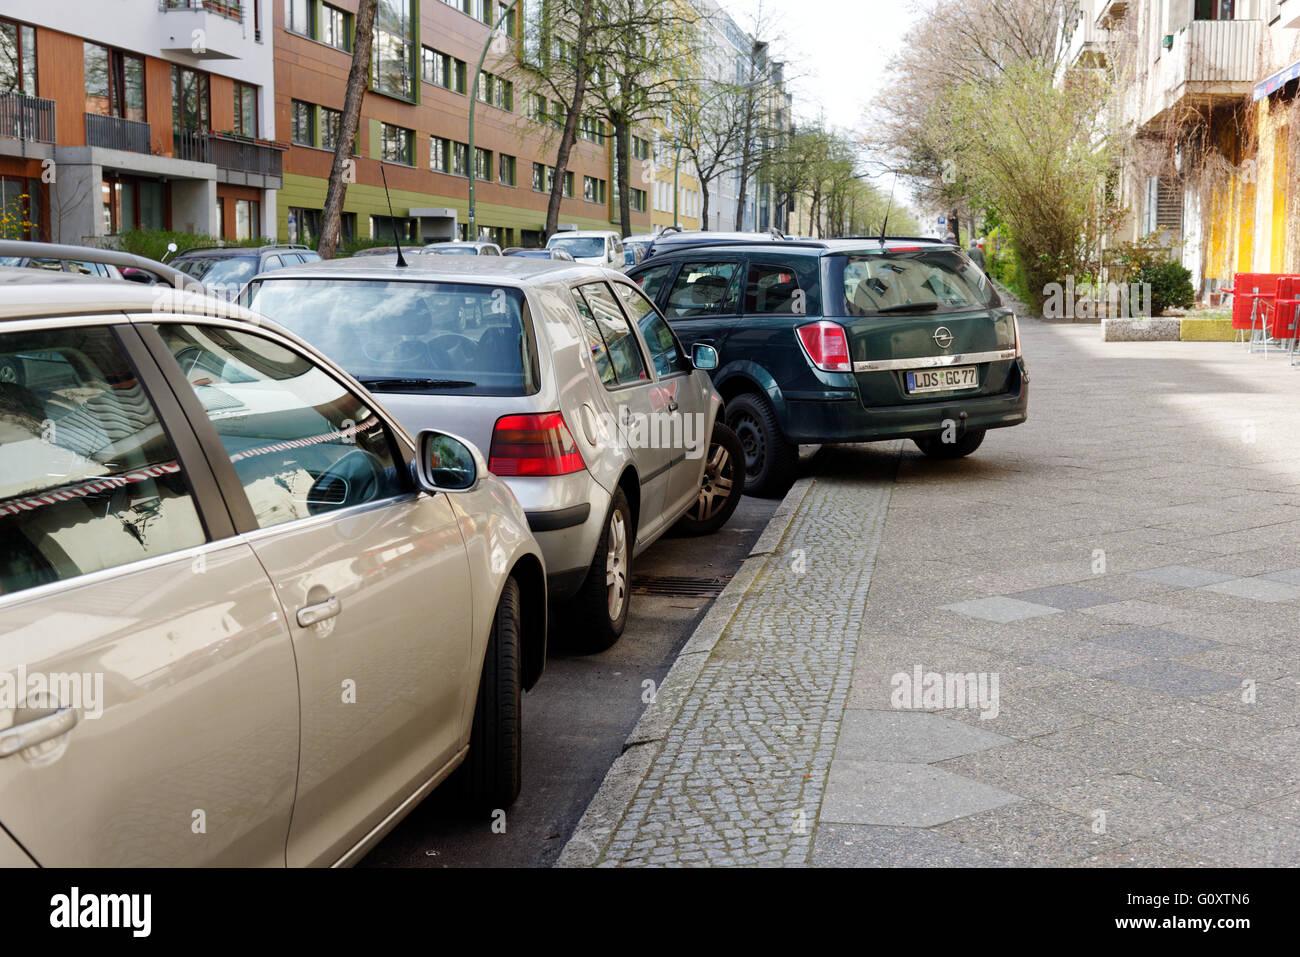 bad-parking-in-berlin-G0XTN6.jpg